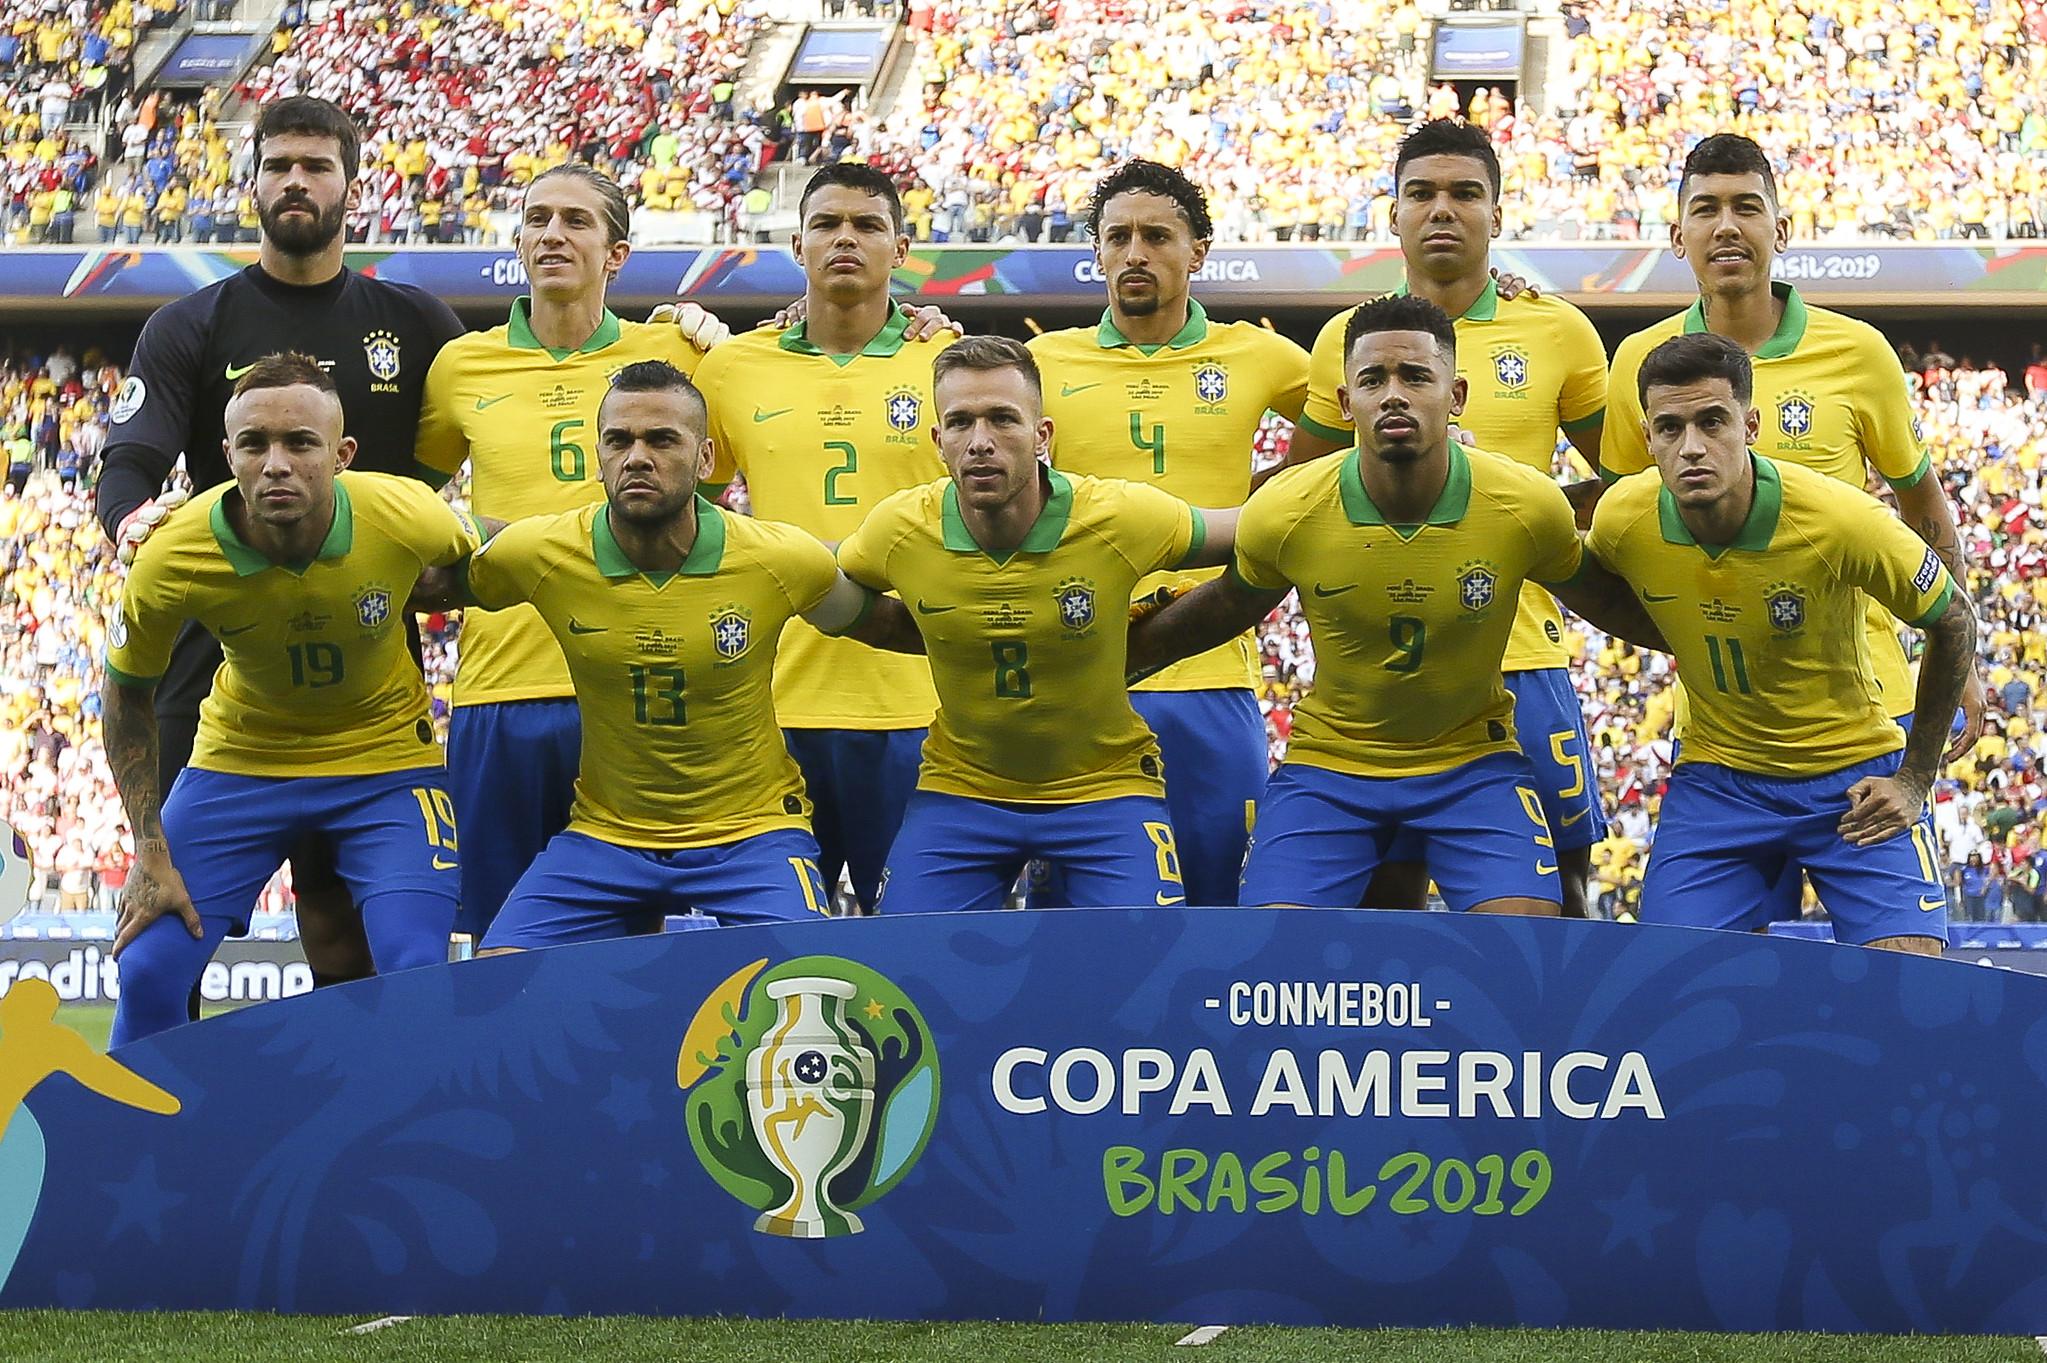 Seleção brasileira é a única sem a camisa 24 na Copa América